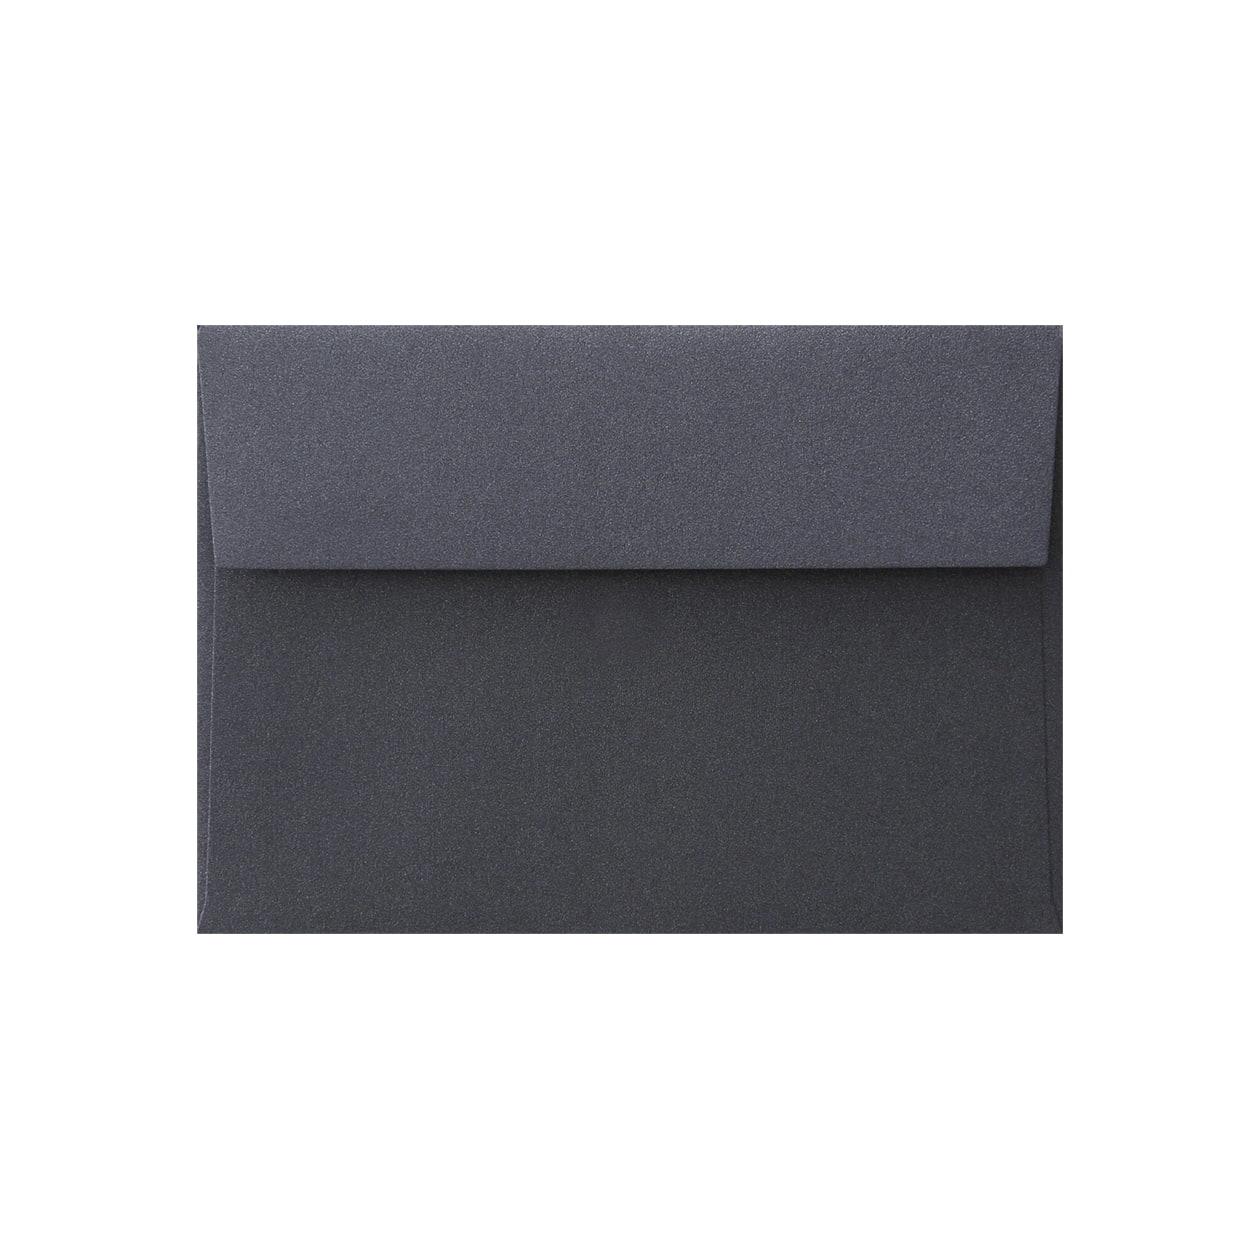 洋2カマス封筒 コットンパール ミッドナイトブルー 125.3g